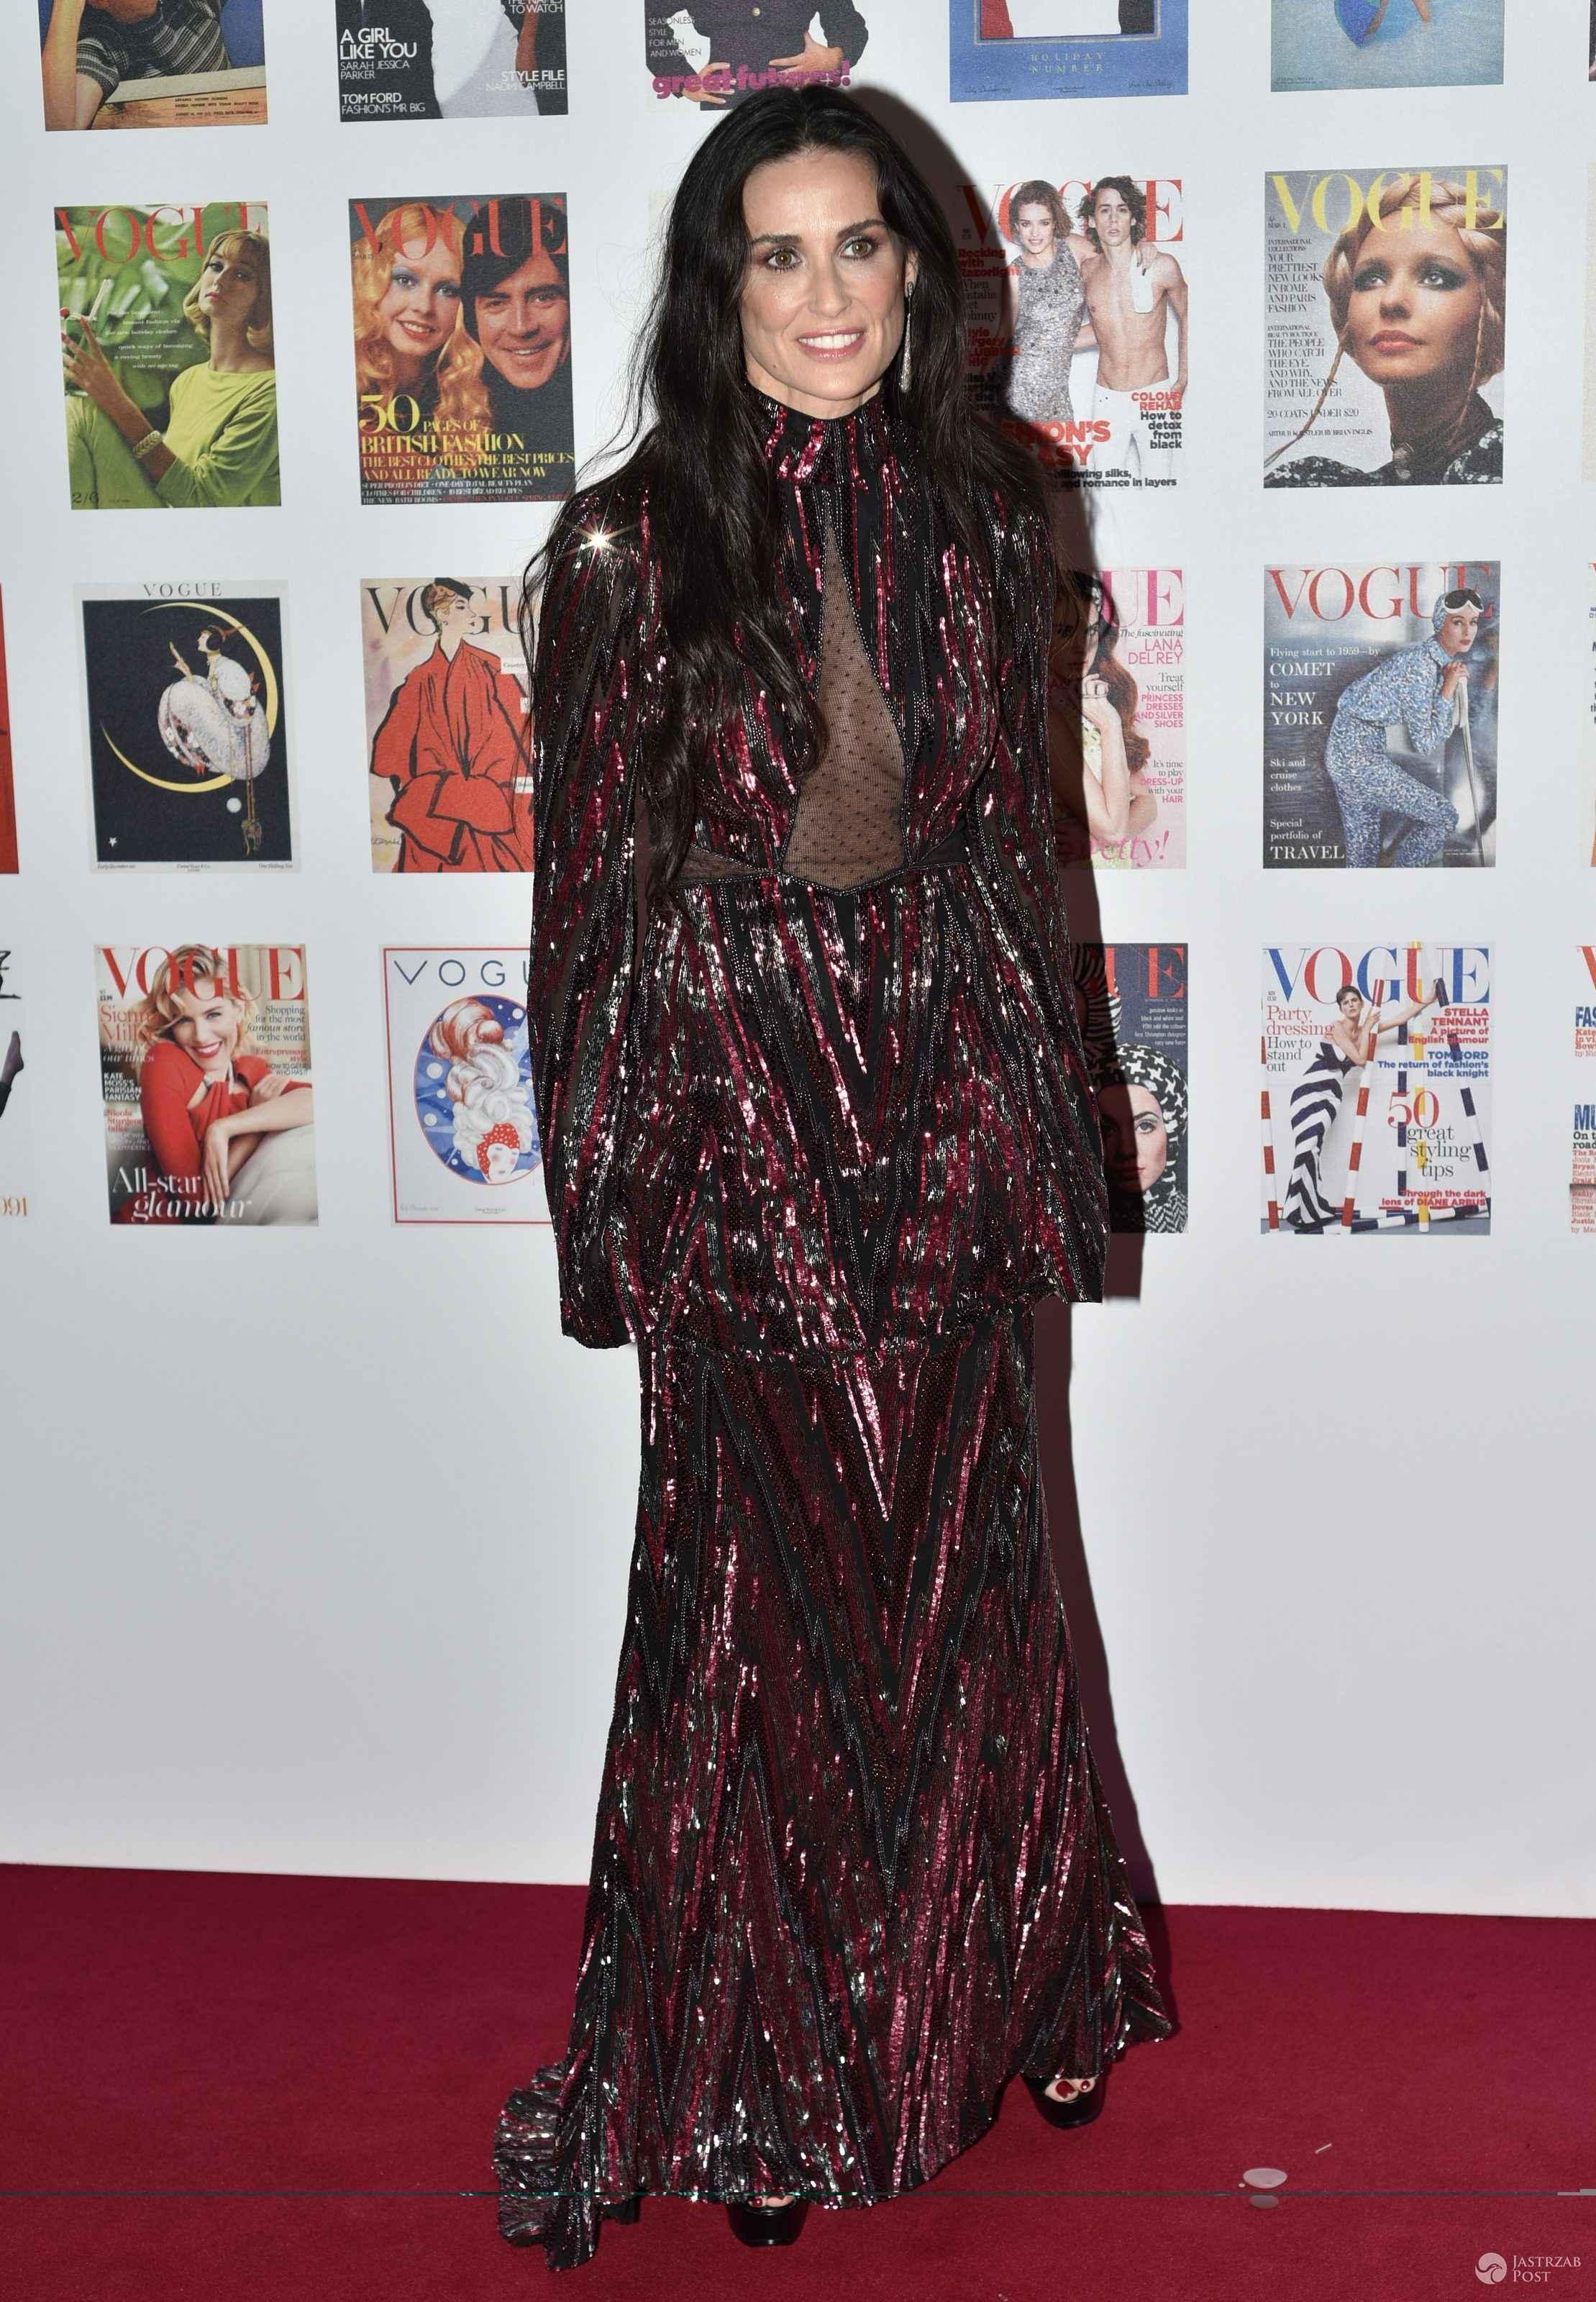 """Suknia: Roberto Cavalli. Demi Moore, gala z okazji 100 lat brytyjskiej edycji """"Vogue"""" (fot. ONS)"""